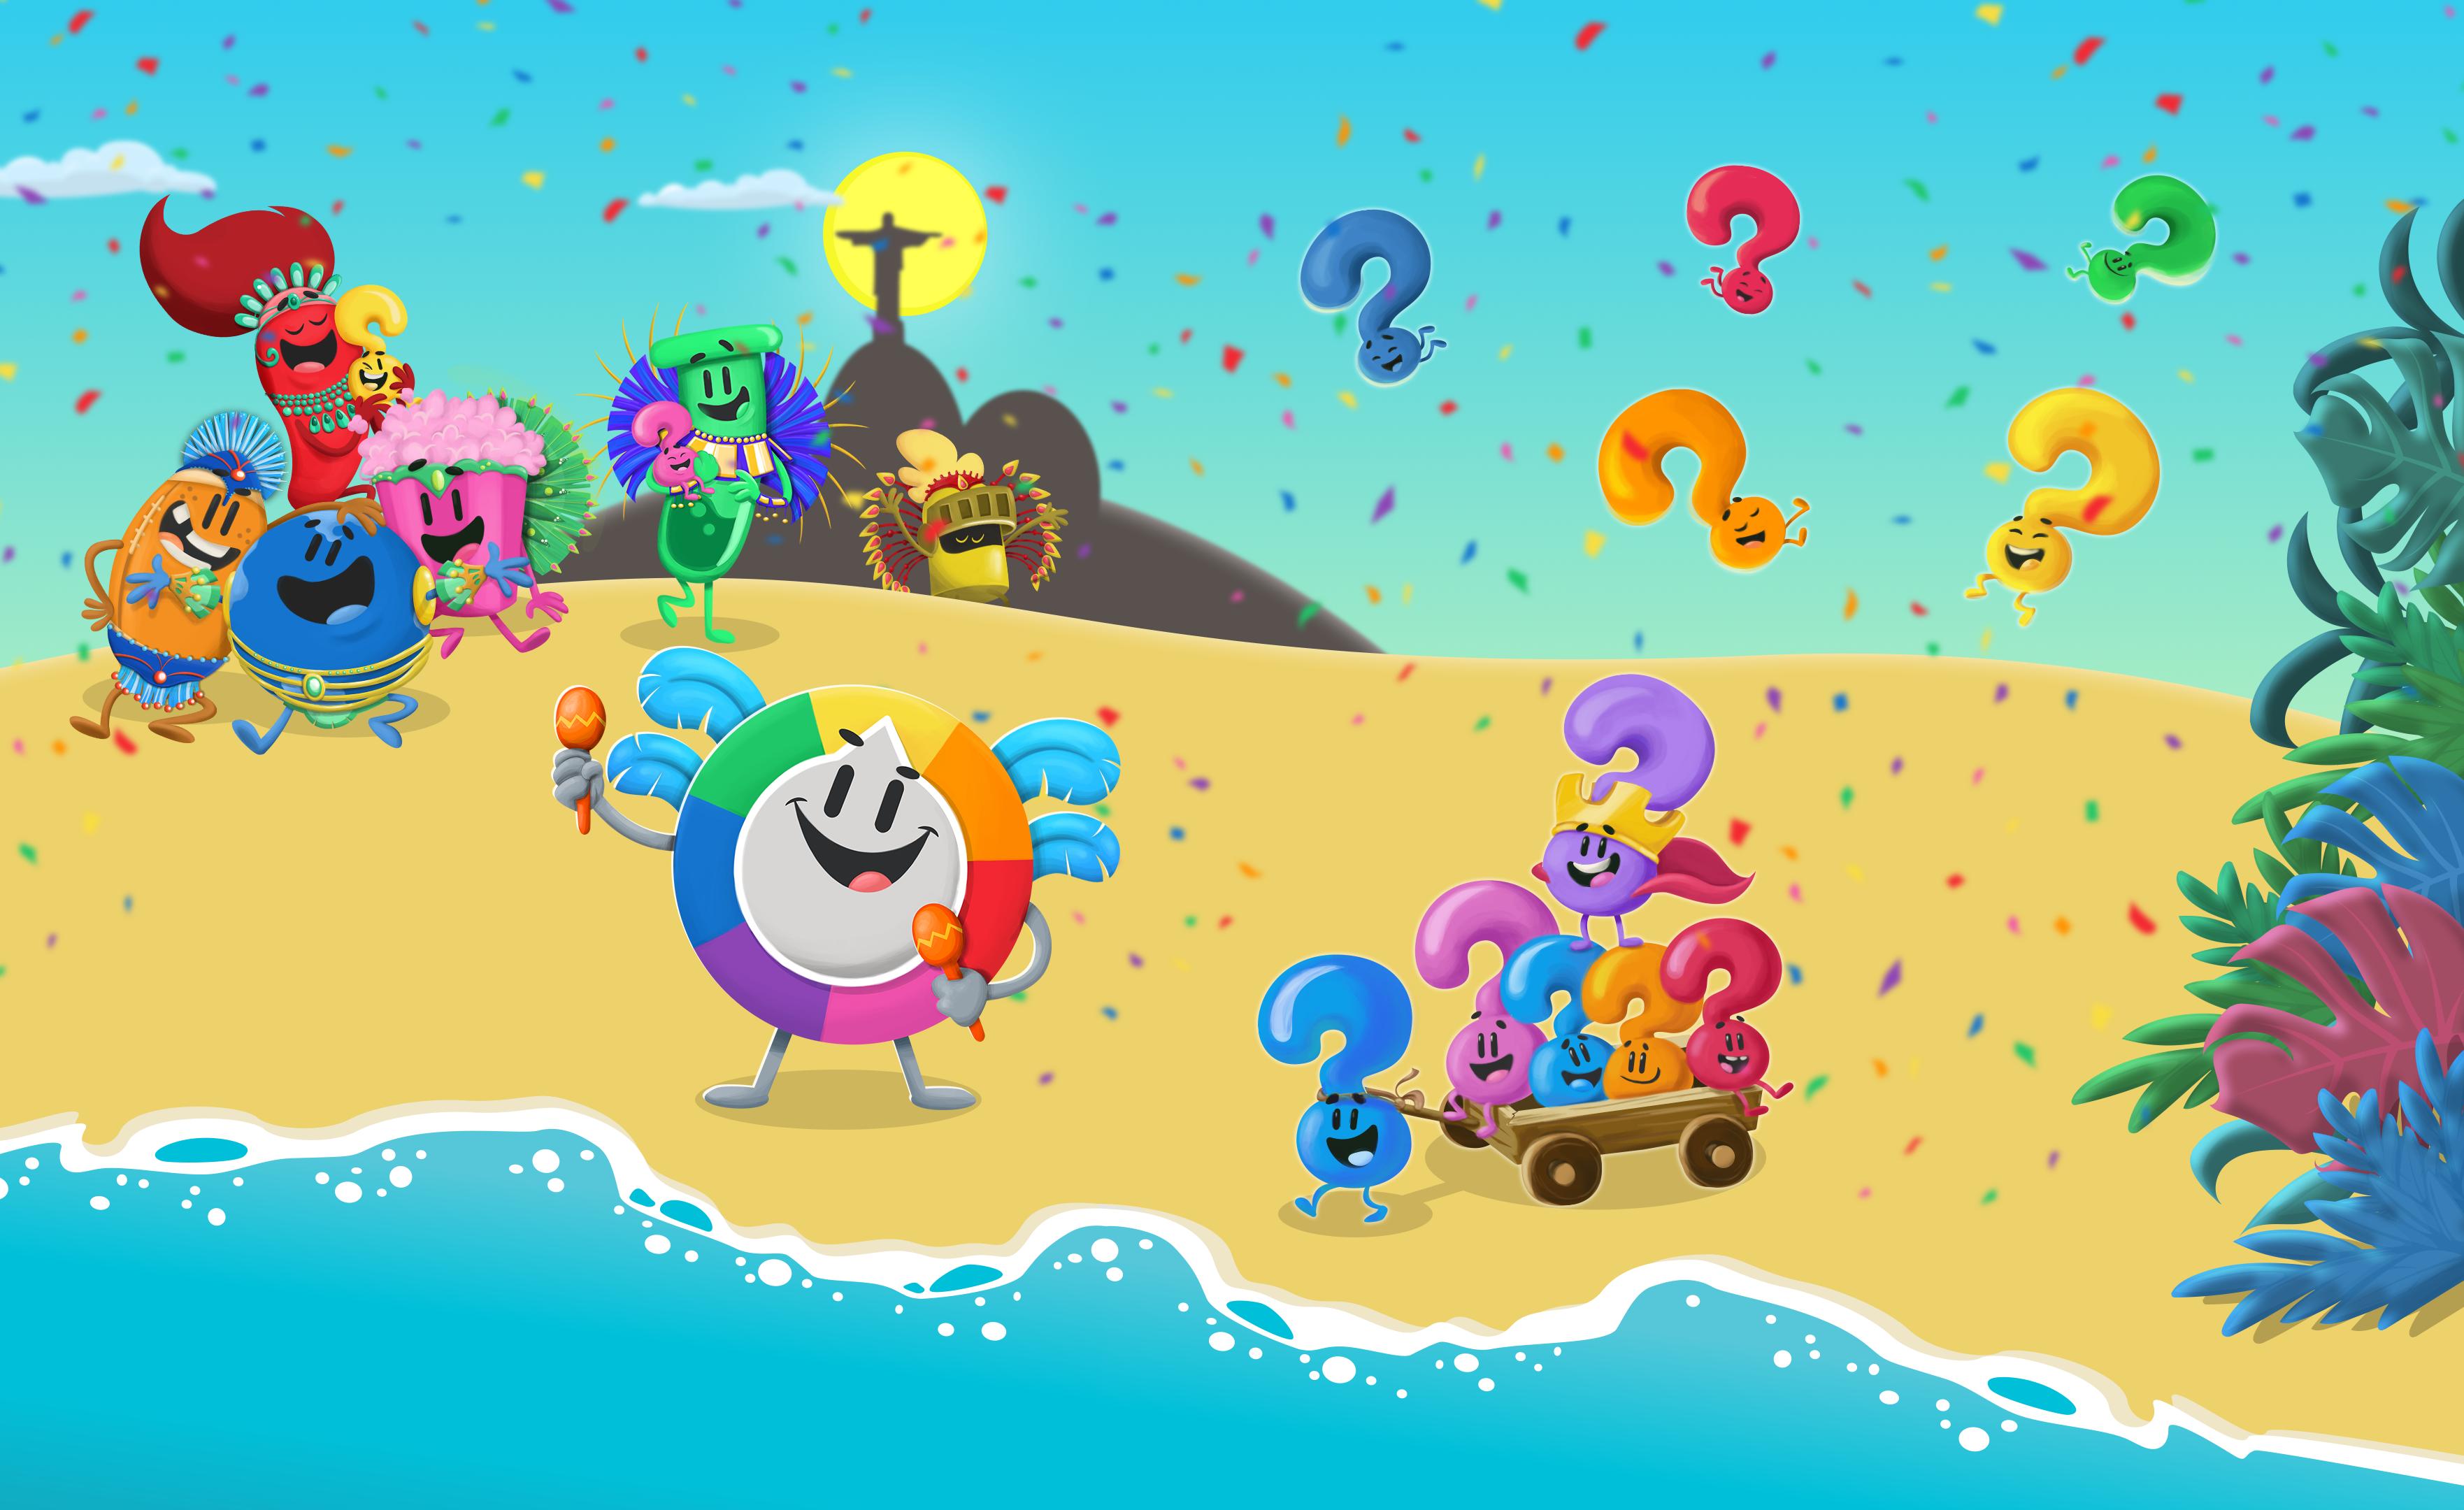 Etermax | Perguntados e Perguntados 2 recebem atualização com temática de Carnaval